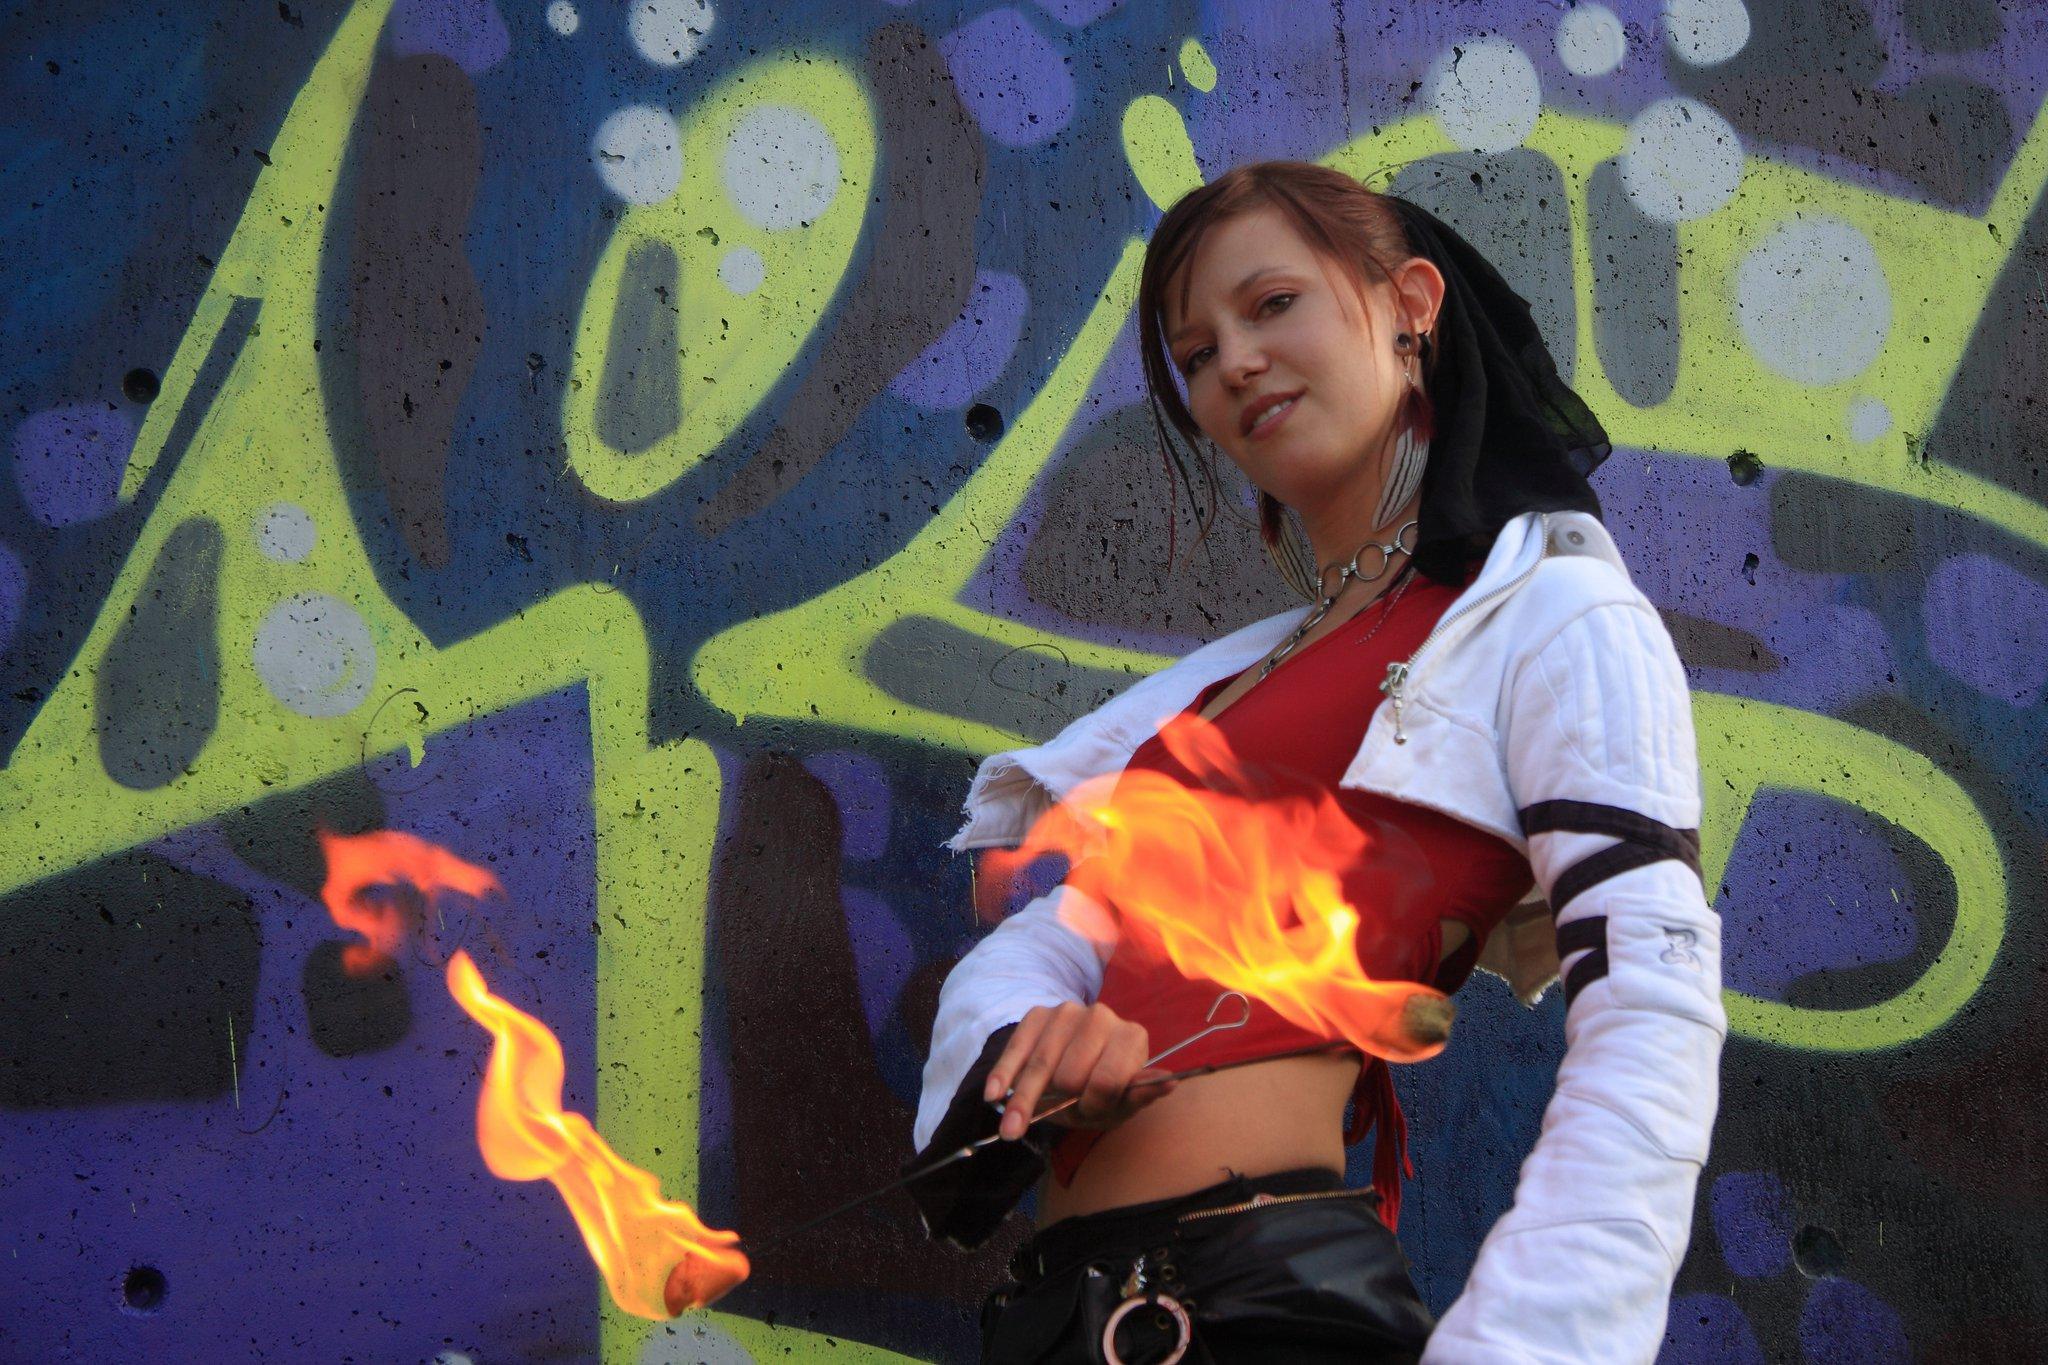 Edmonton Calgary Circus Fire Eater